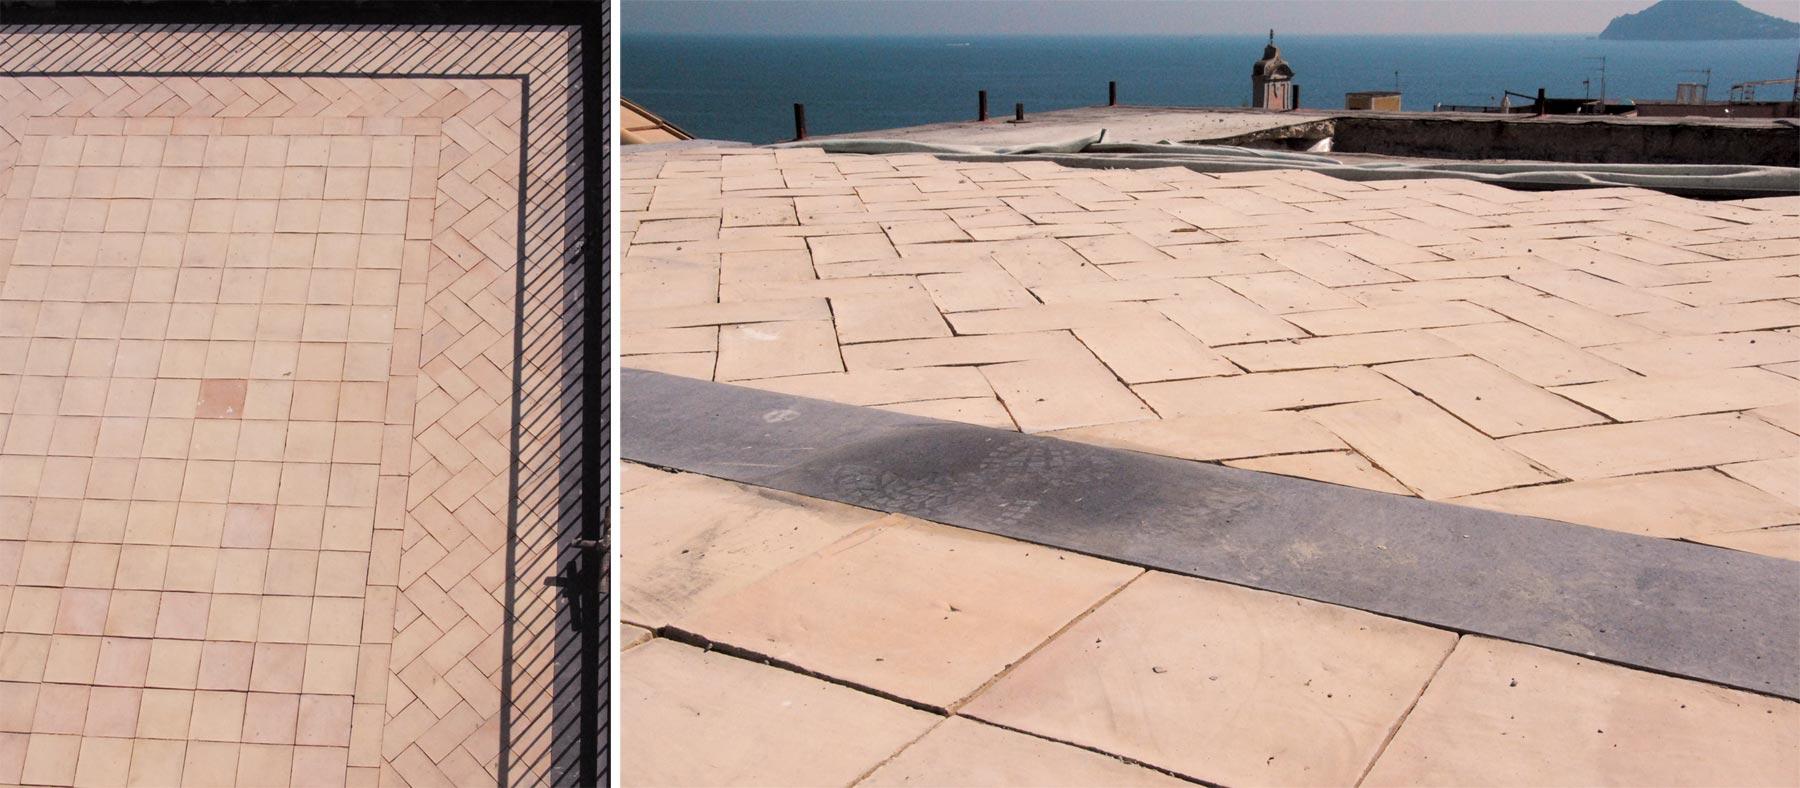 Prezzi pavimenti in cotto cotto fatto a mano prezzi con gallery of madie mercatone piastrelle - Quanto costa posa piastrelle ...